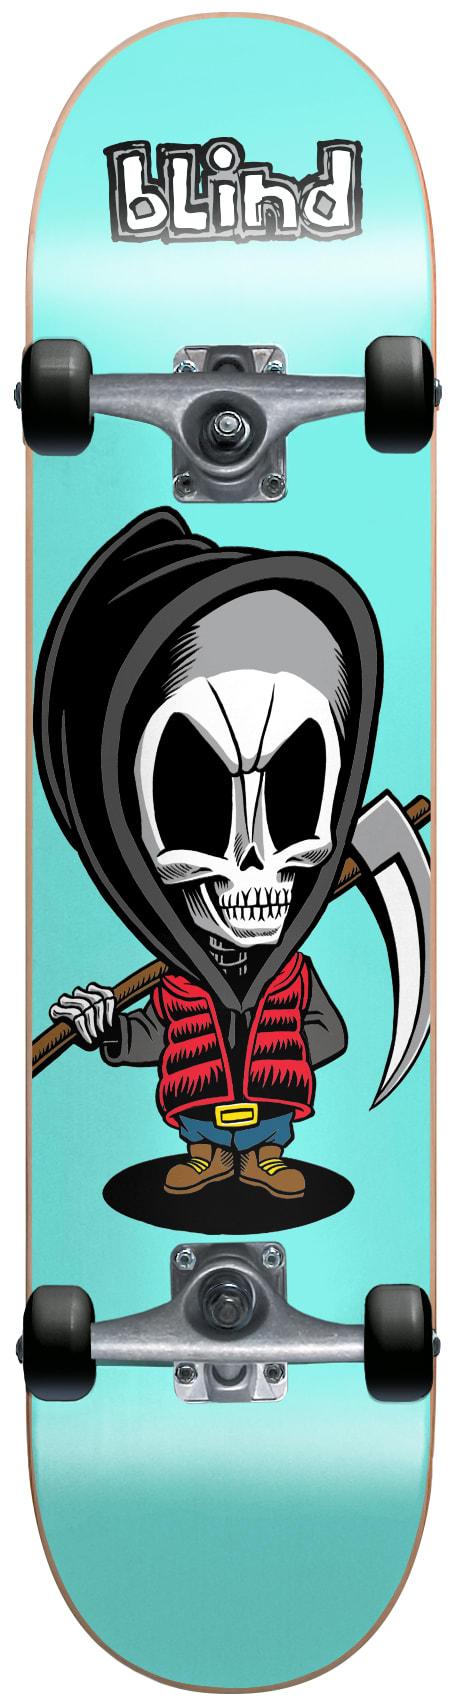 20e00ec6168e3 Blind Bone Thug Skateboard Complete - thumbnail 1